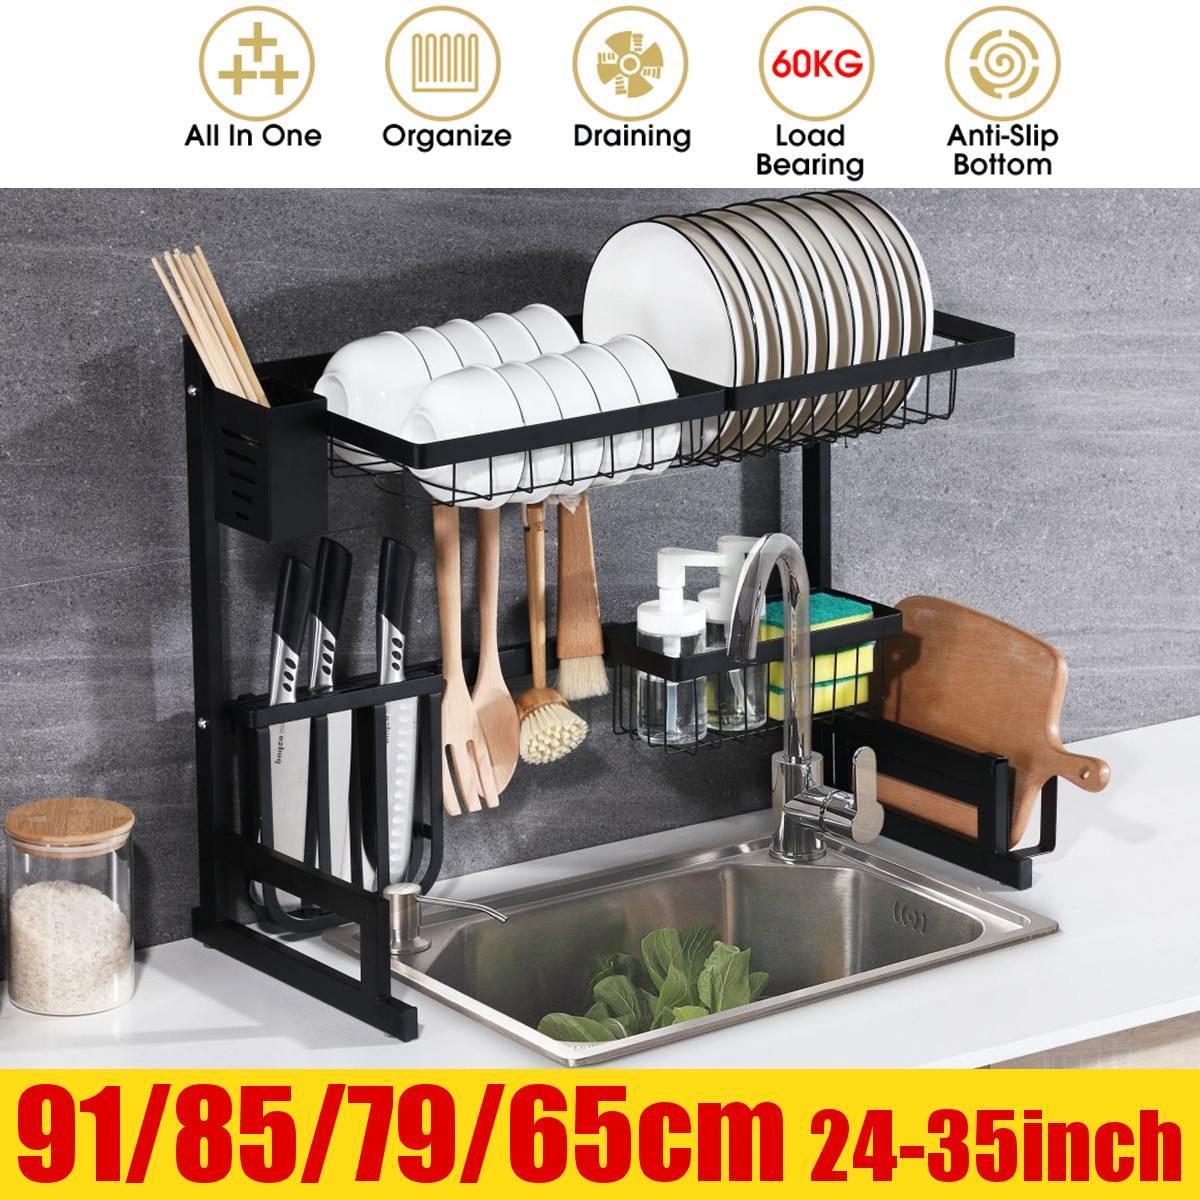 منظم أرفف من الفولاذ المقاوم للصدأ 24-35 بوصة ، رف تجفيف الأطباق على الحوض ، منظم سطح العمل